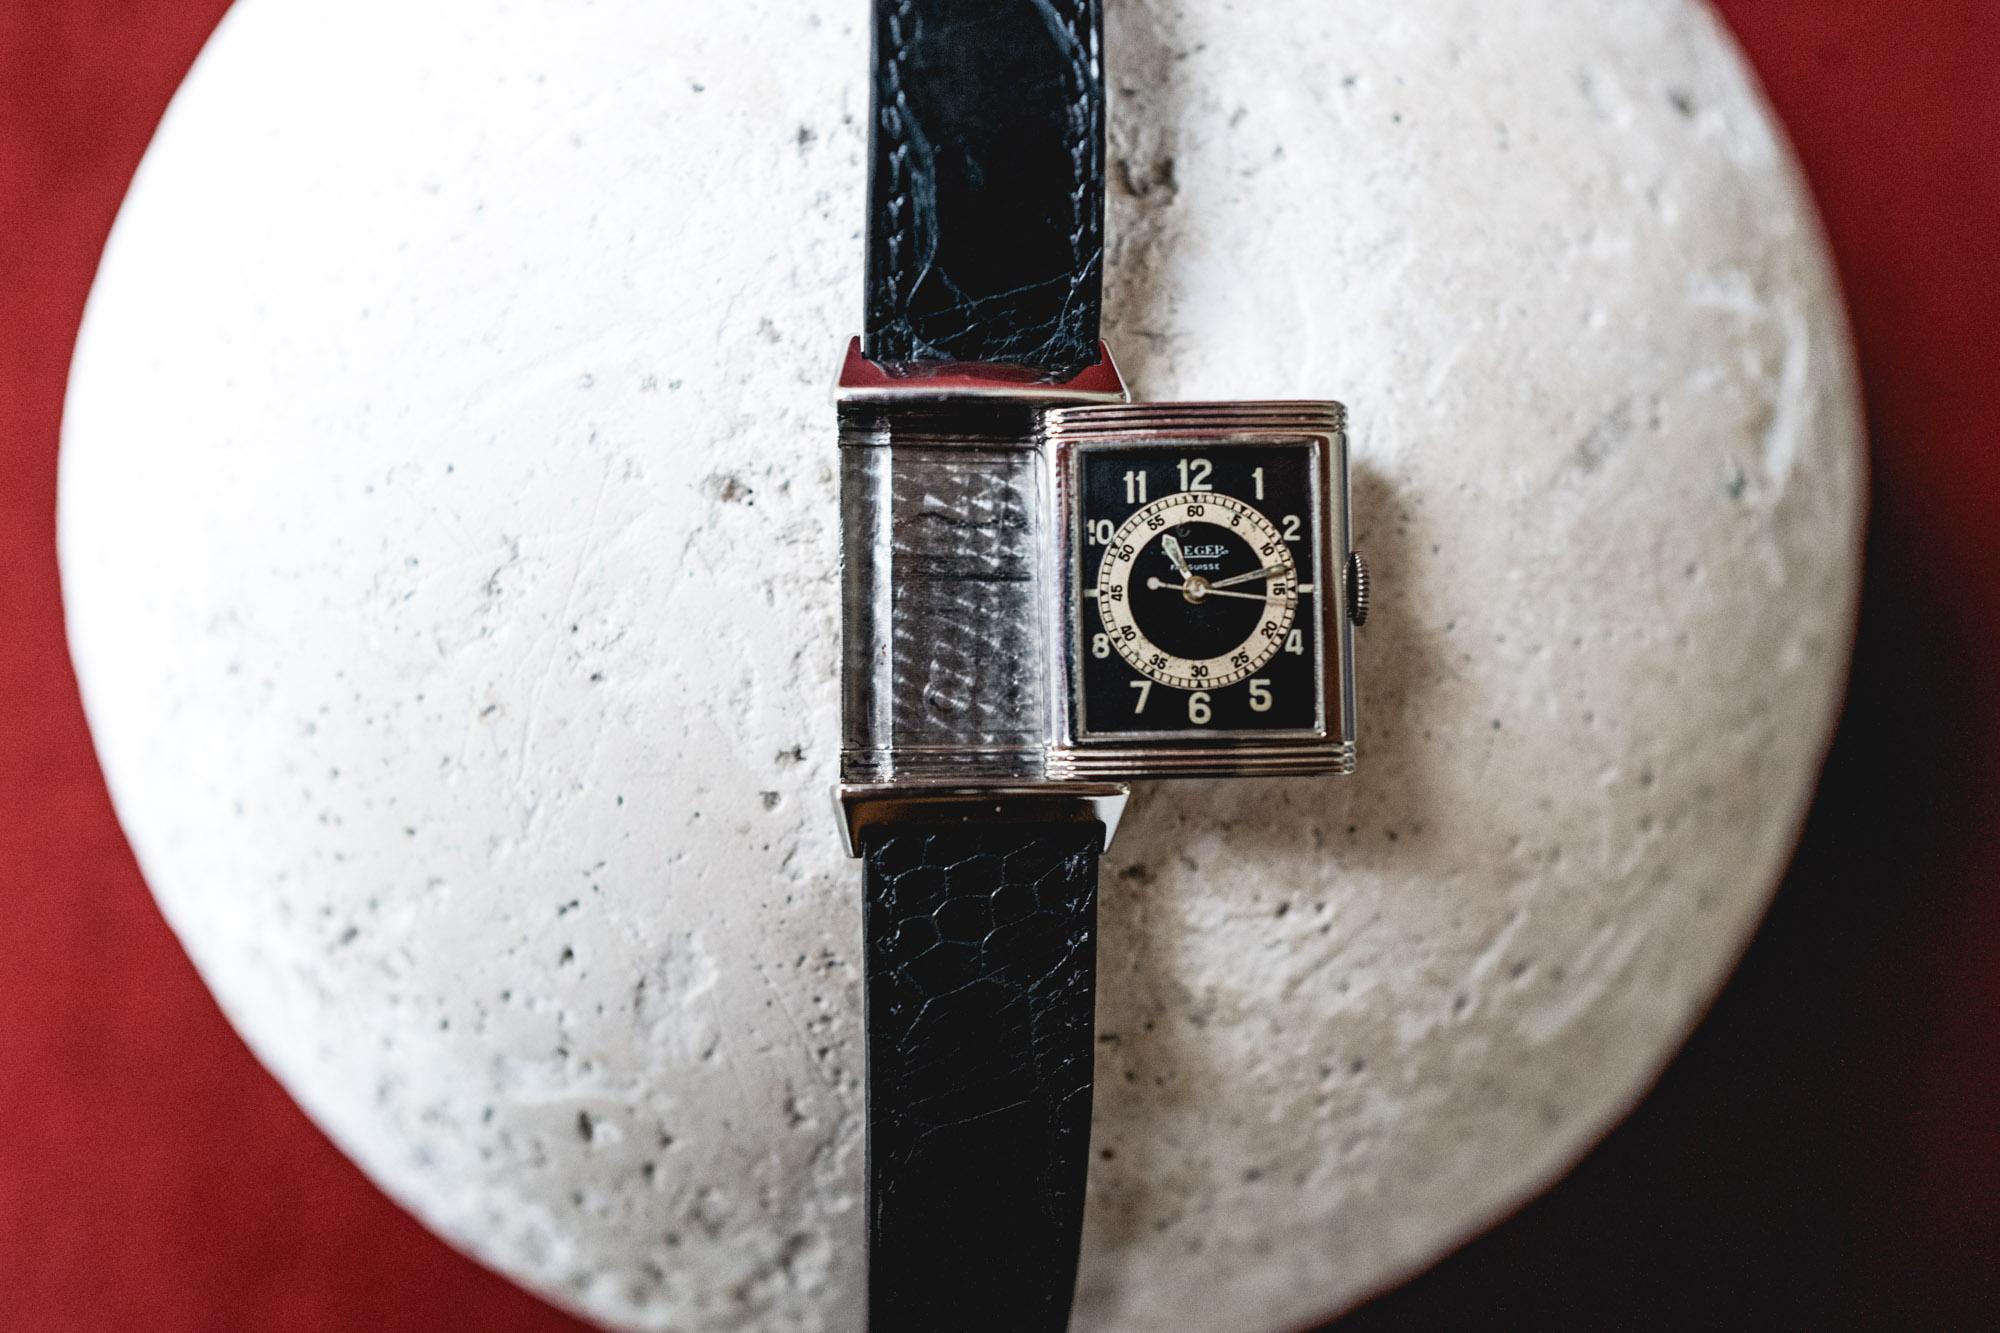 Tajan - Vente de montres du 11 décembre -Jaeger-LeCoultre Reverso années 1930